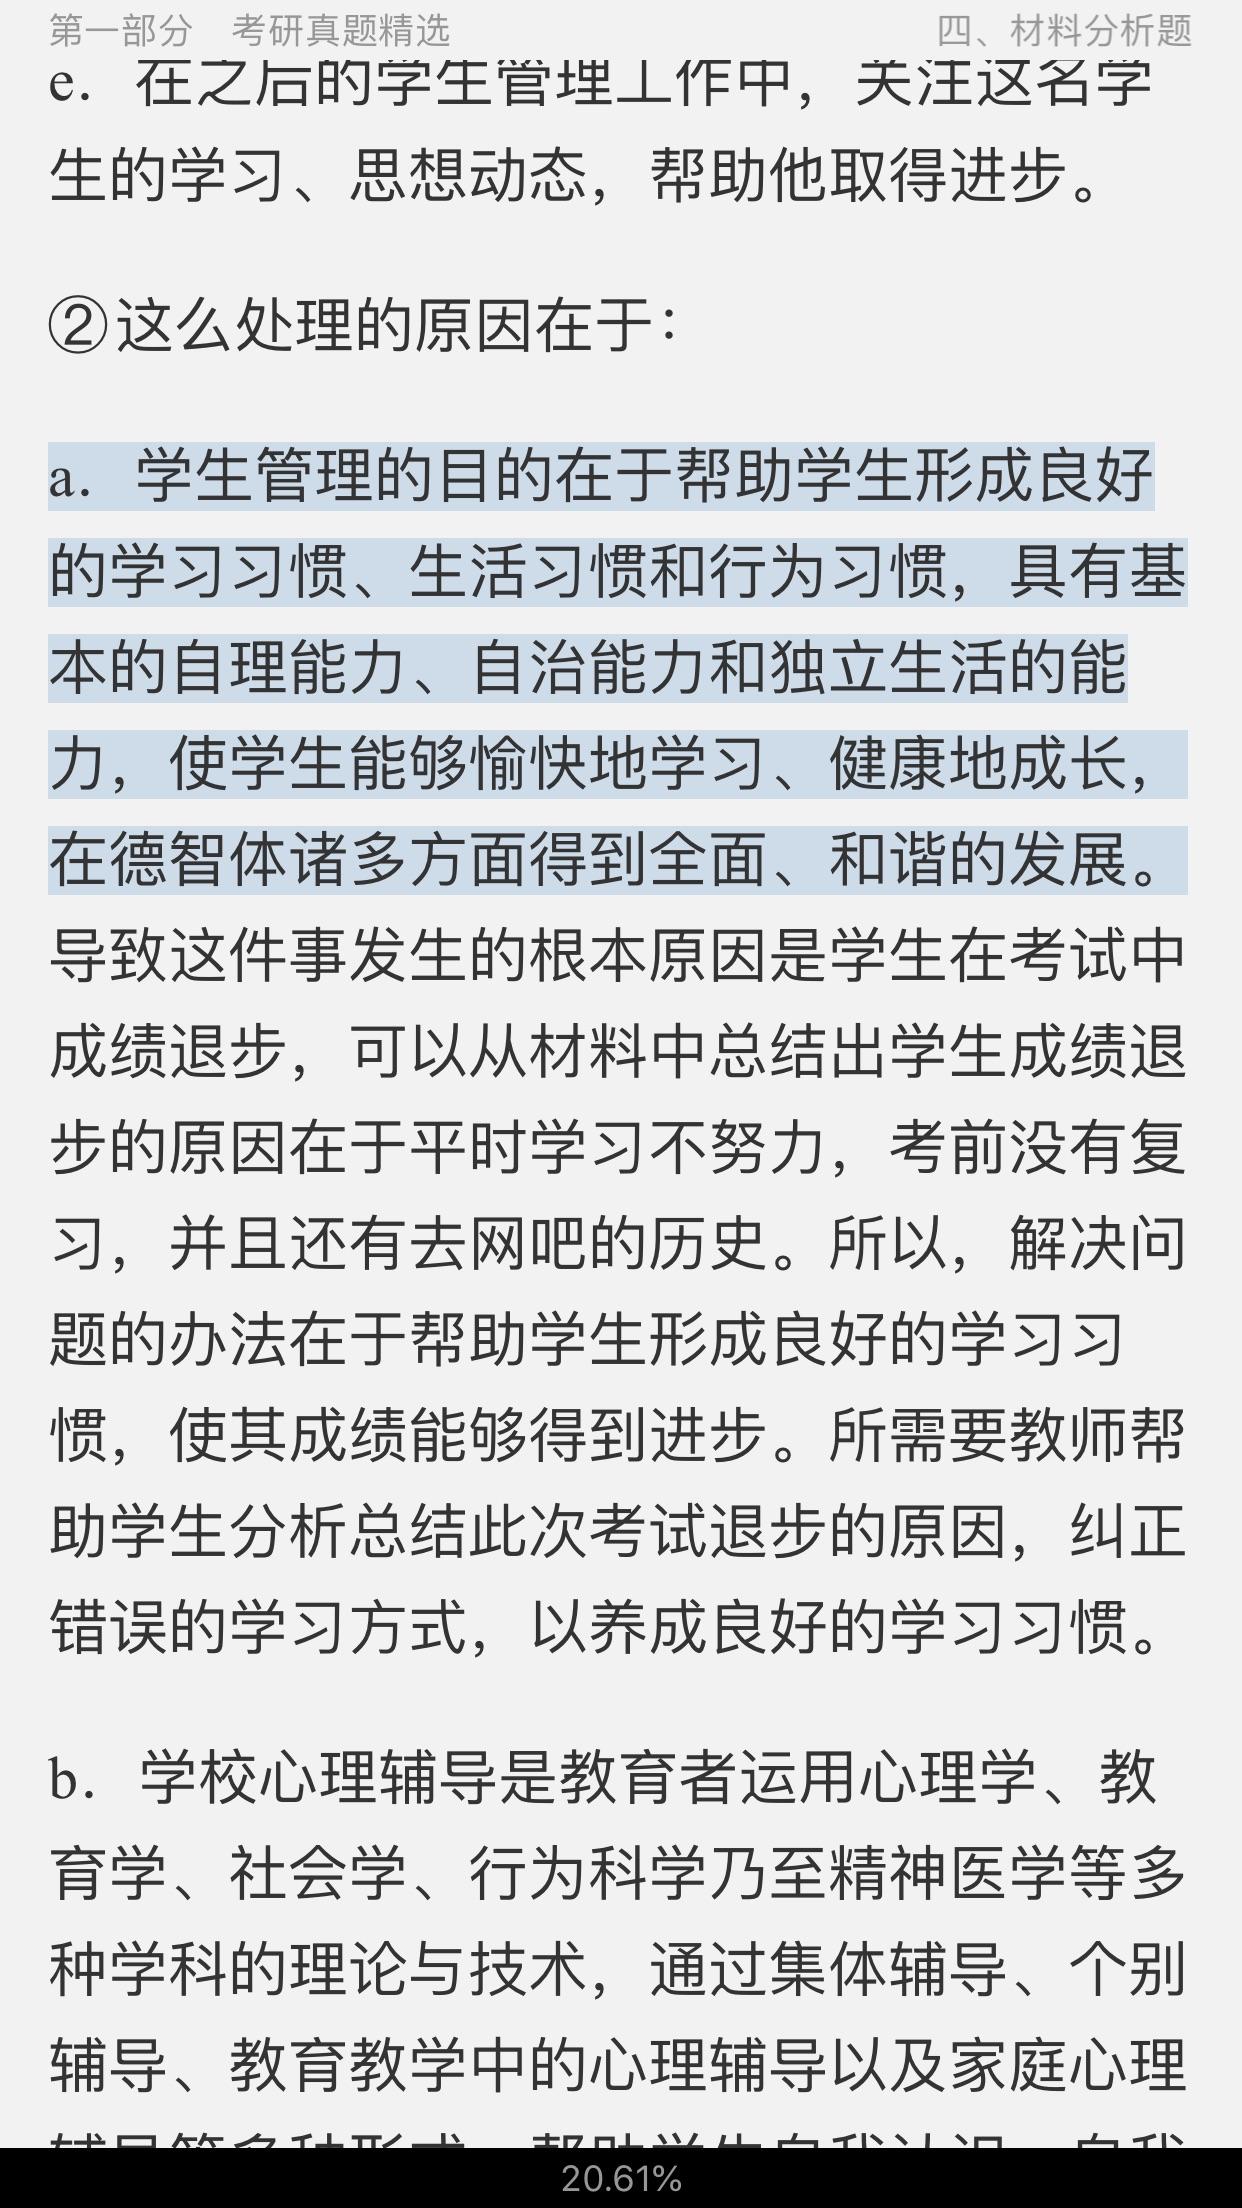 陈孝彬《教育管理学》(第3版)配套题库【考研真题精选+章节题库】